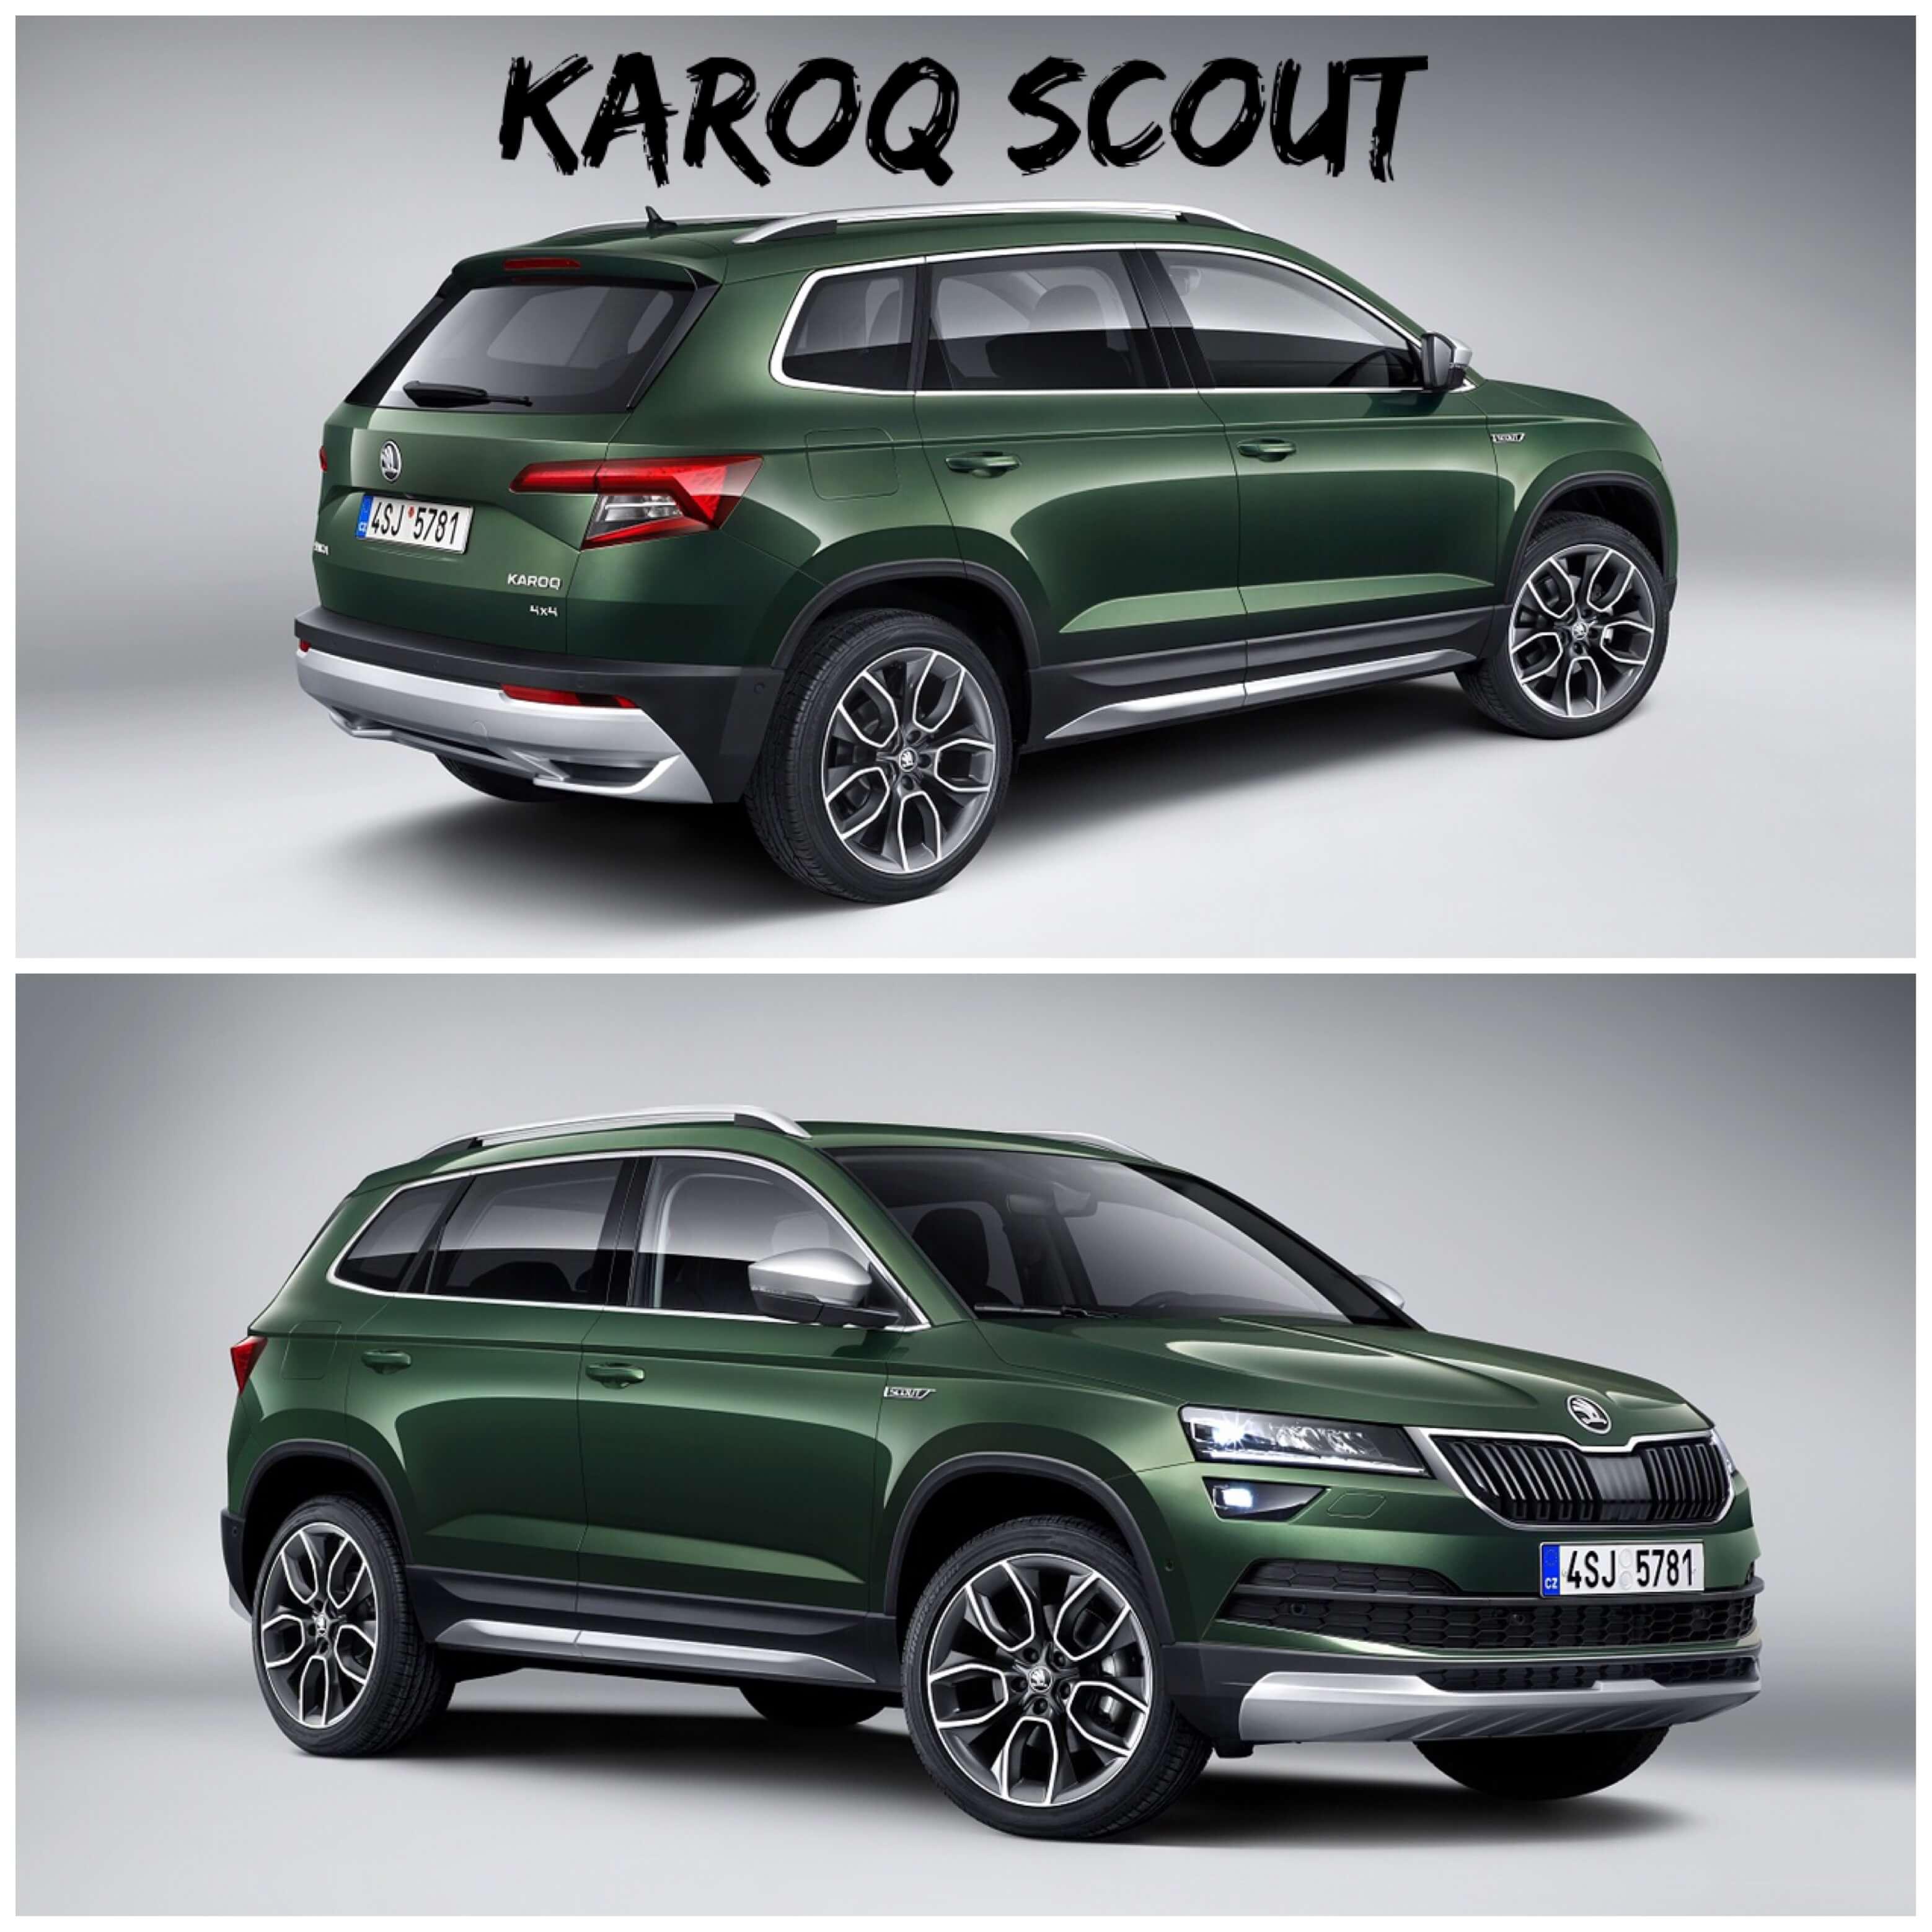 KAROQ SCOUT kommt im Offroad-Look und mit zwei neuen Motoren